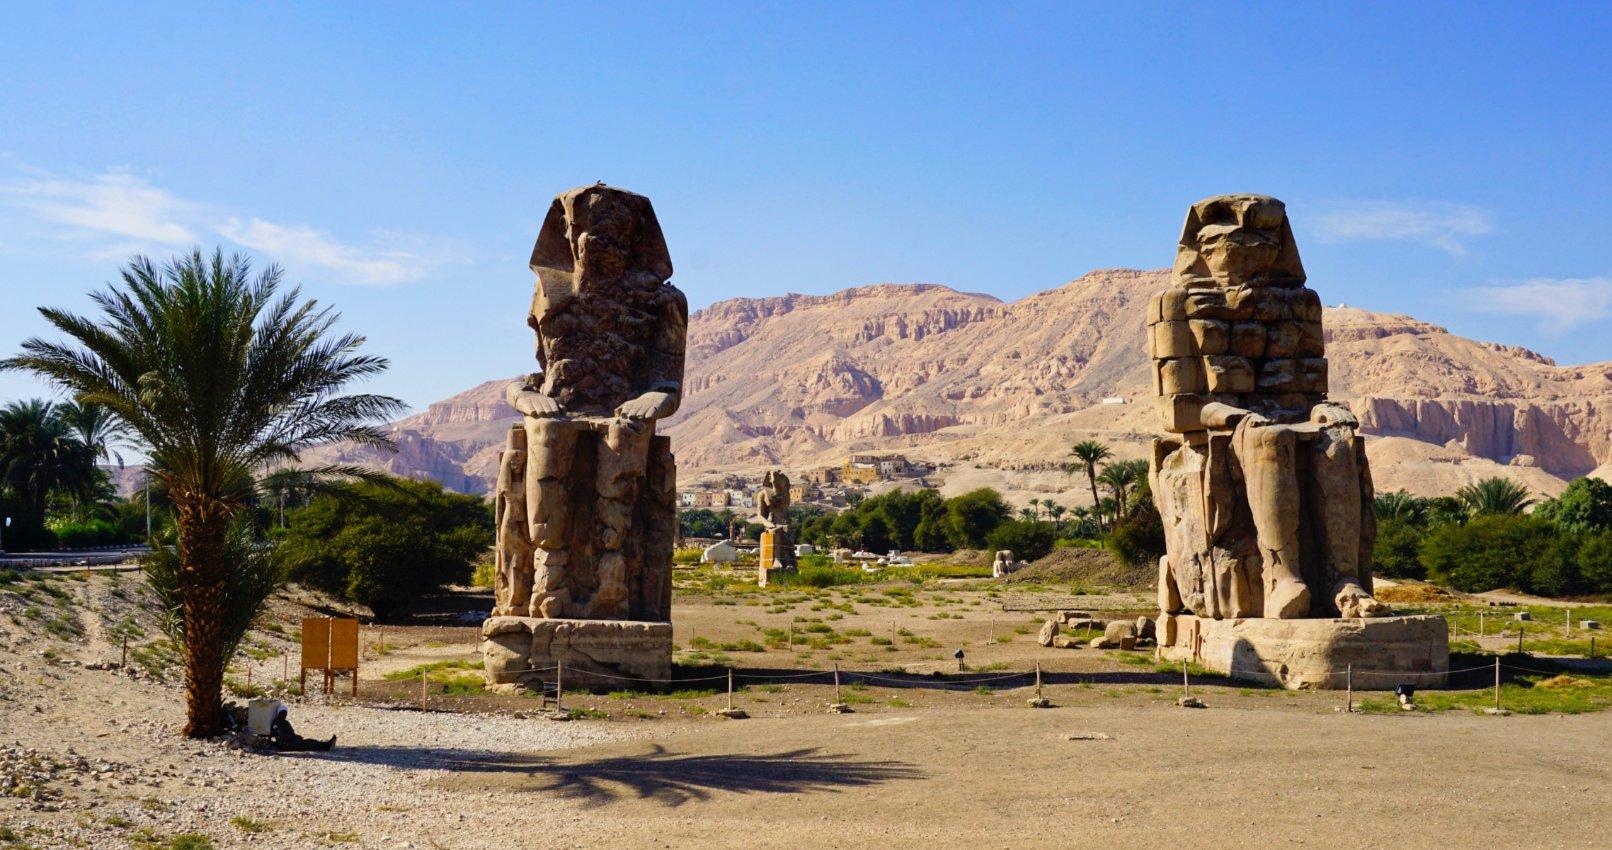 Colossi of Memnon, Luxor, Egypt - Experiencing the Globe